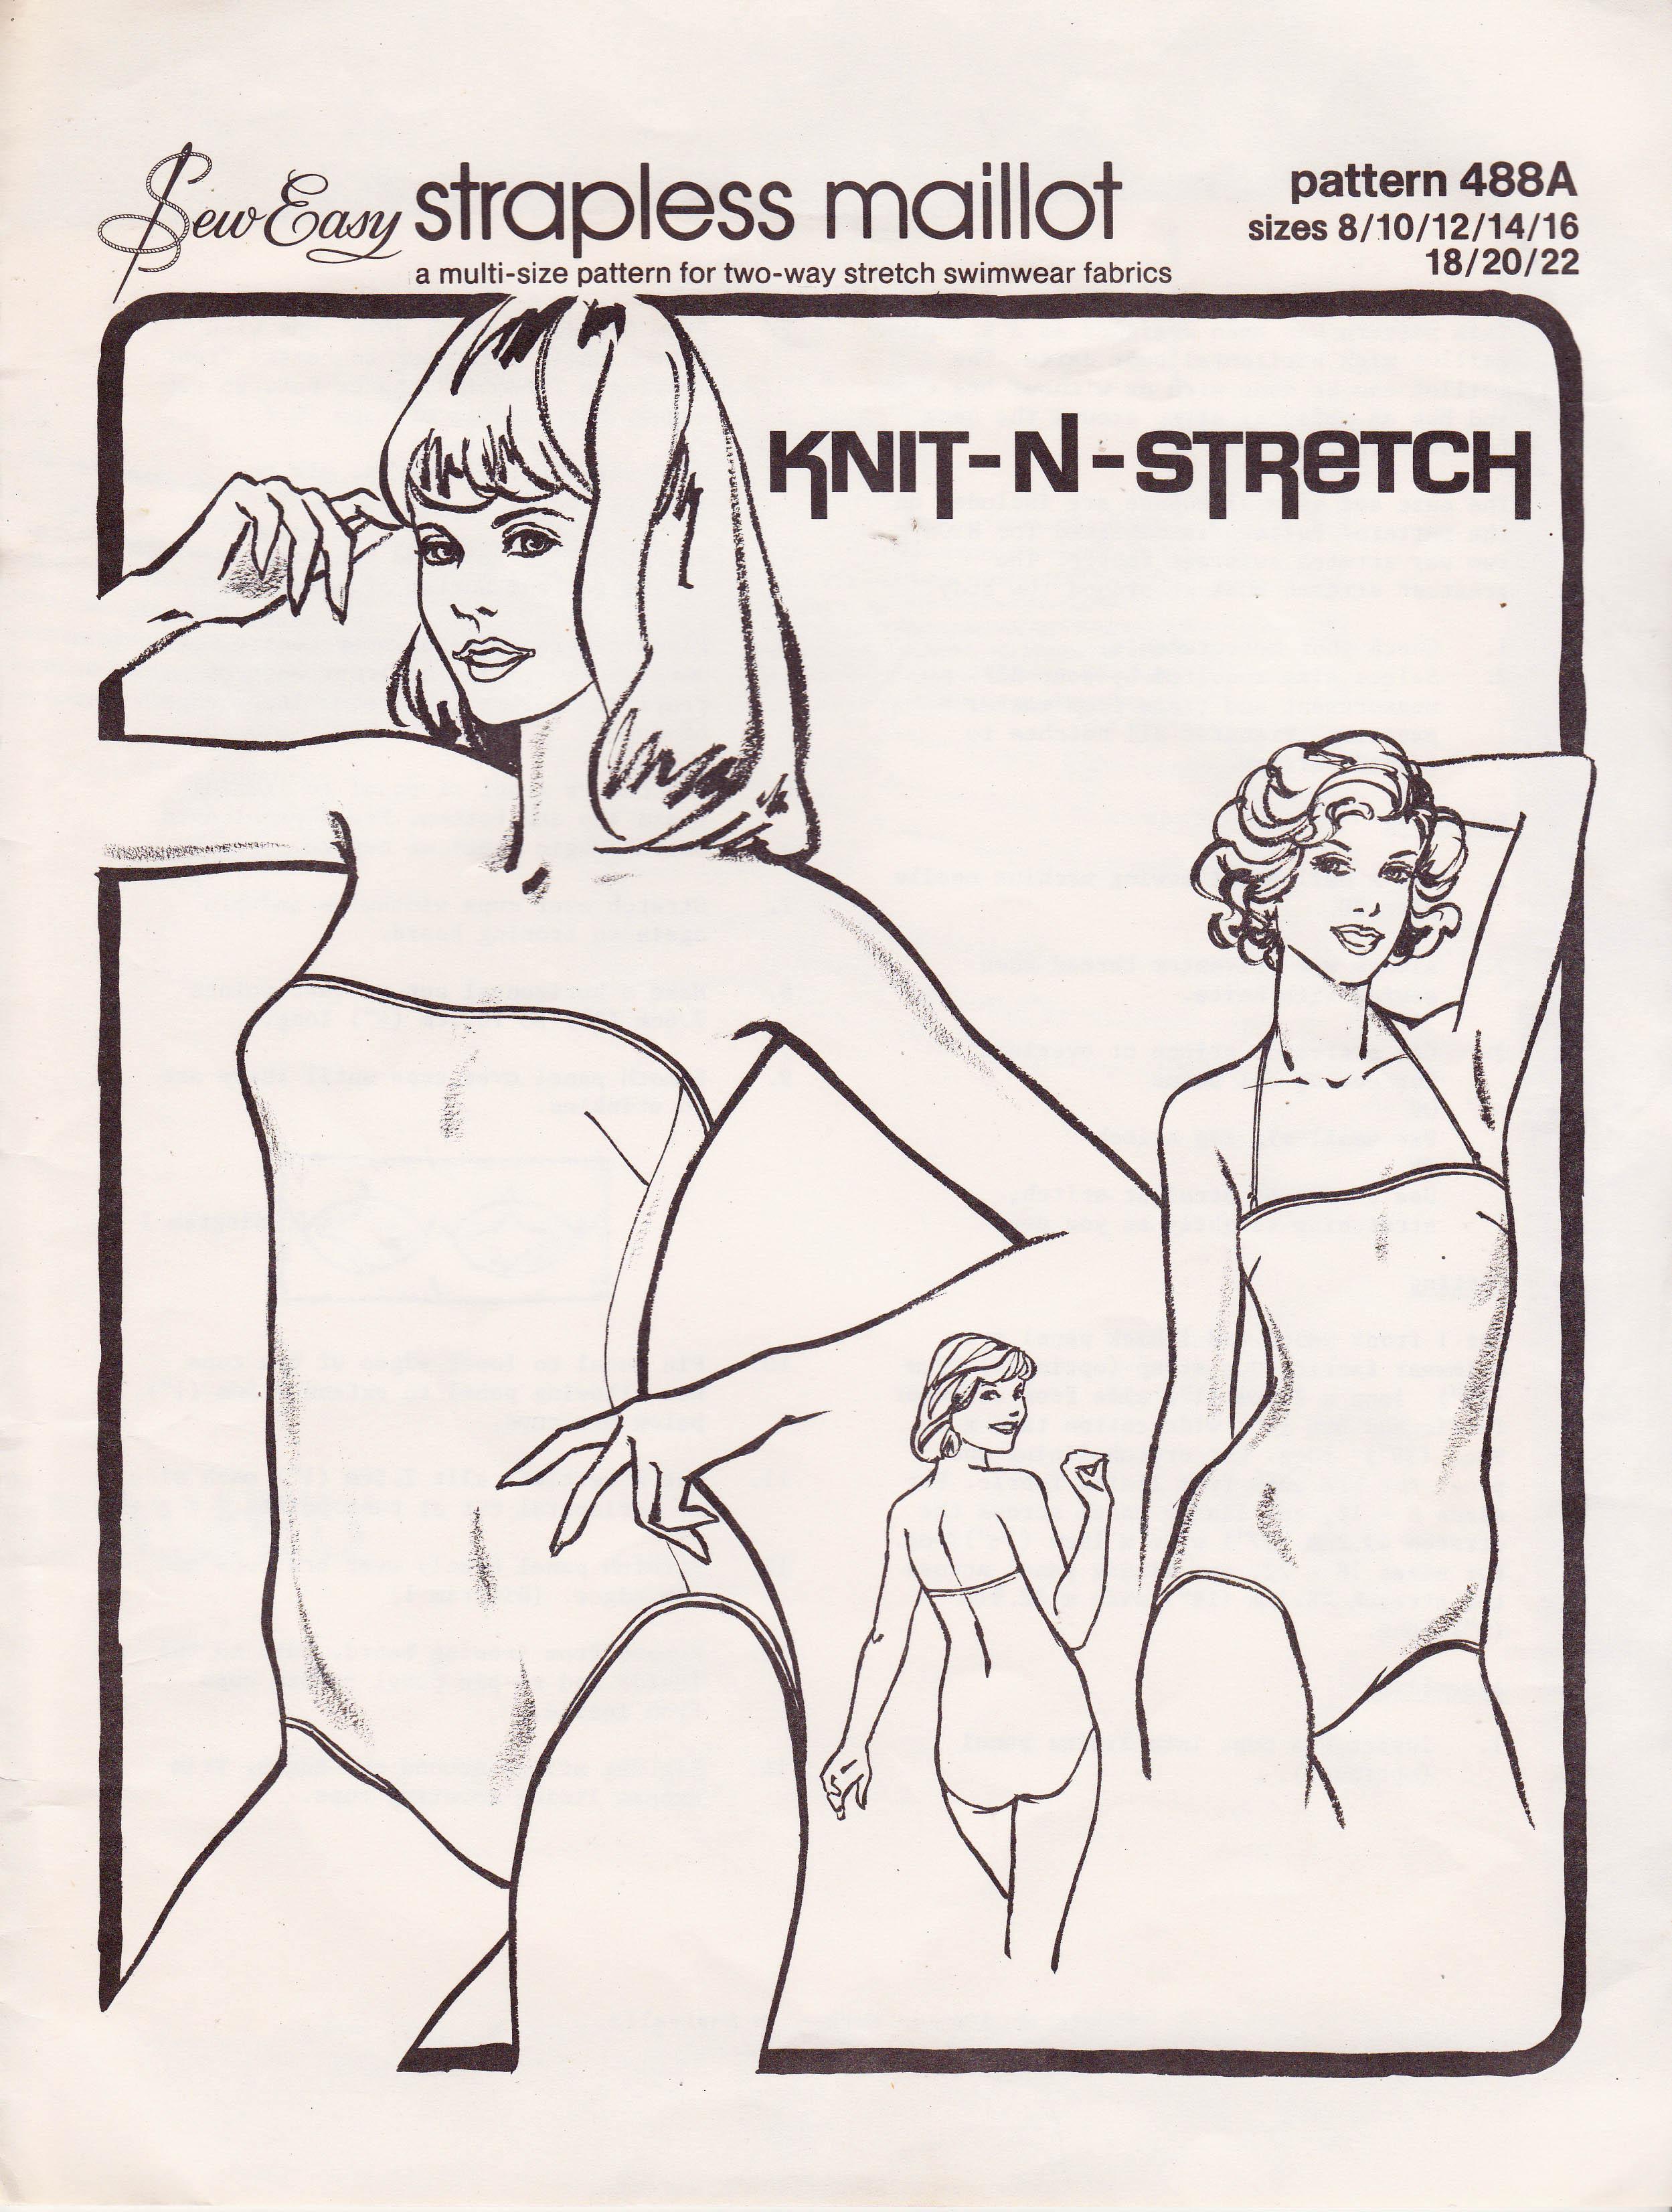 Knit-N-Stretch 488A